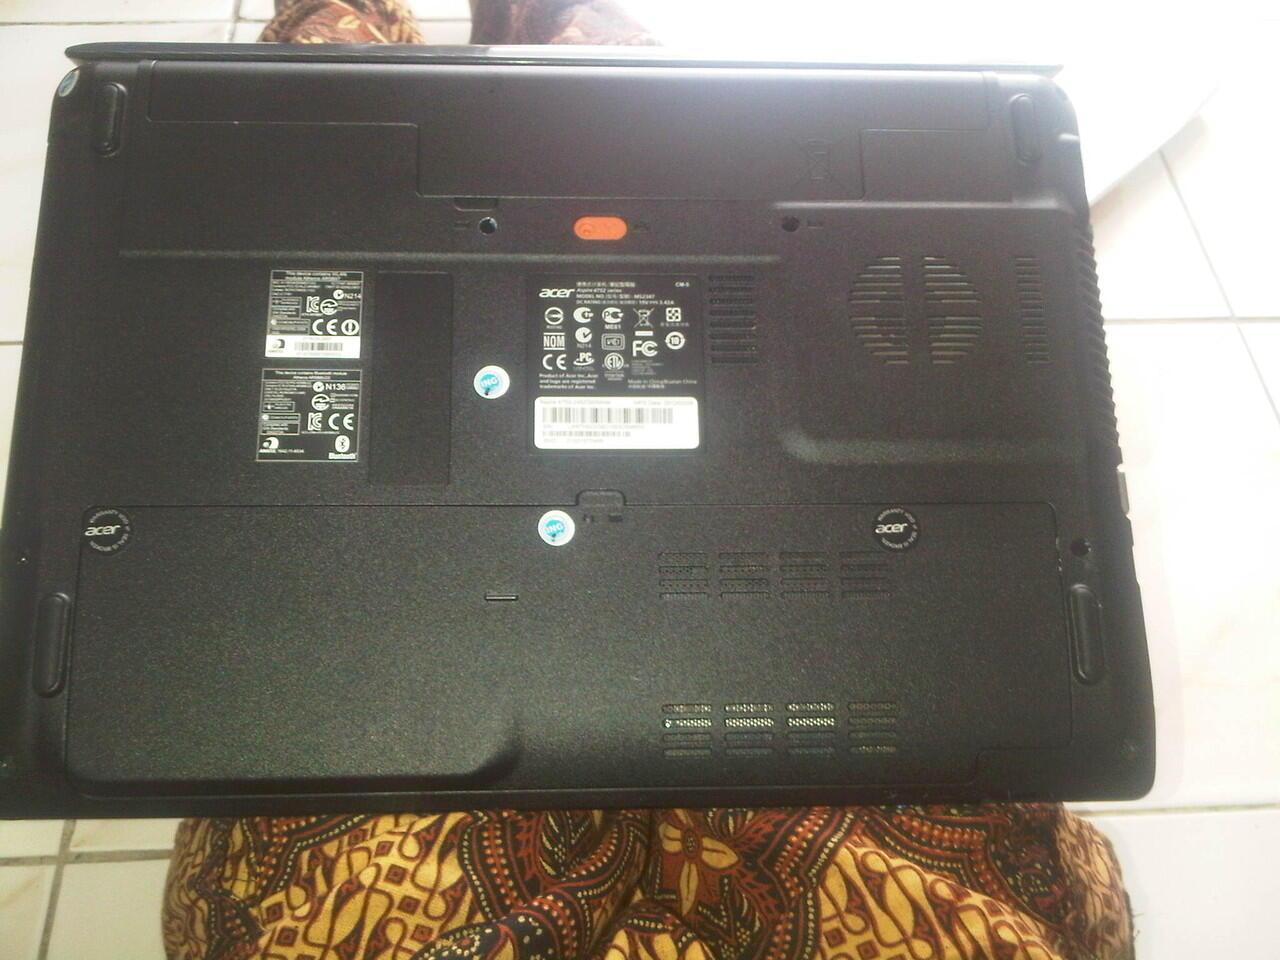 JUAL CEPAT BUTUH UANG LAPTOP ACER Aspire 4752 Intel CORE i5 . TERMURAH !!!